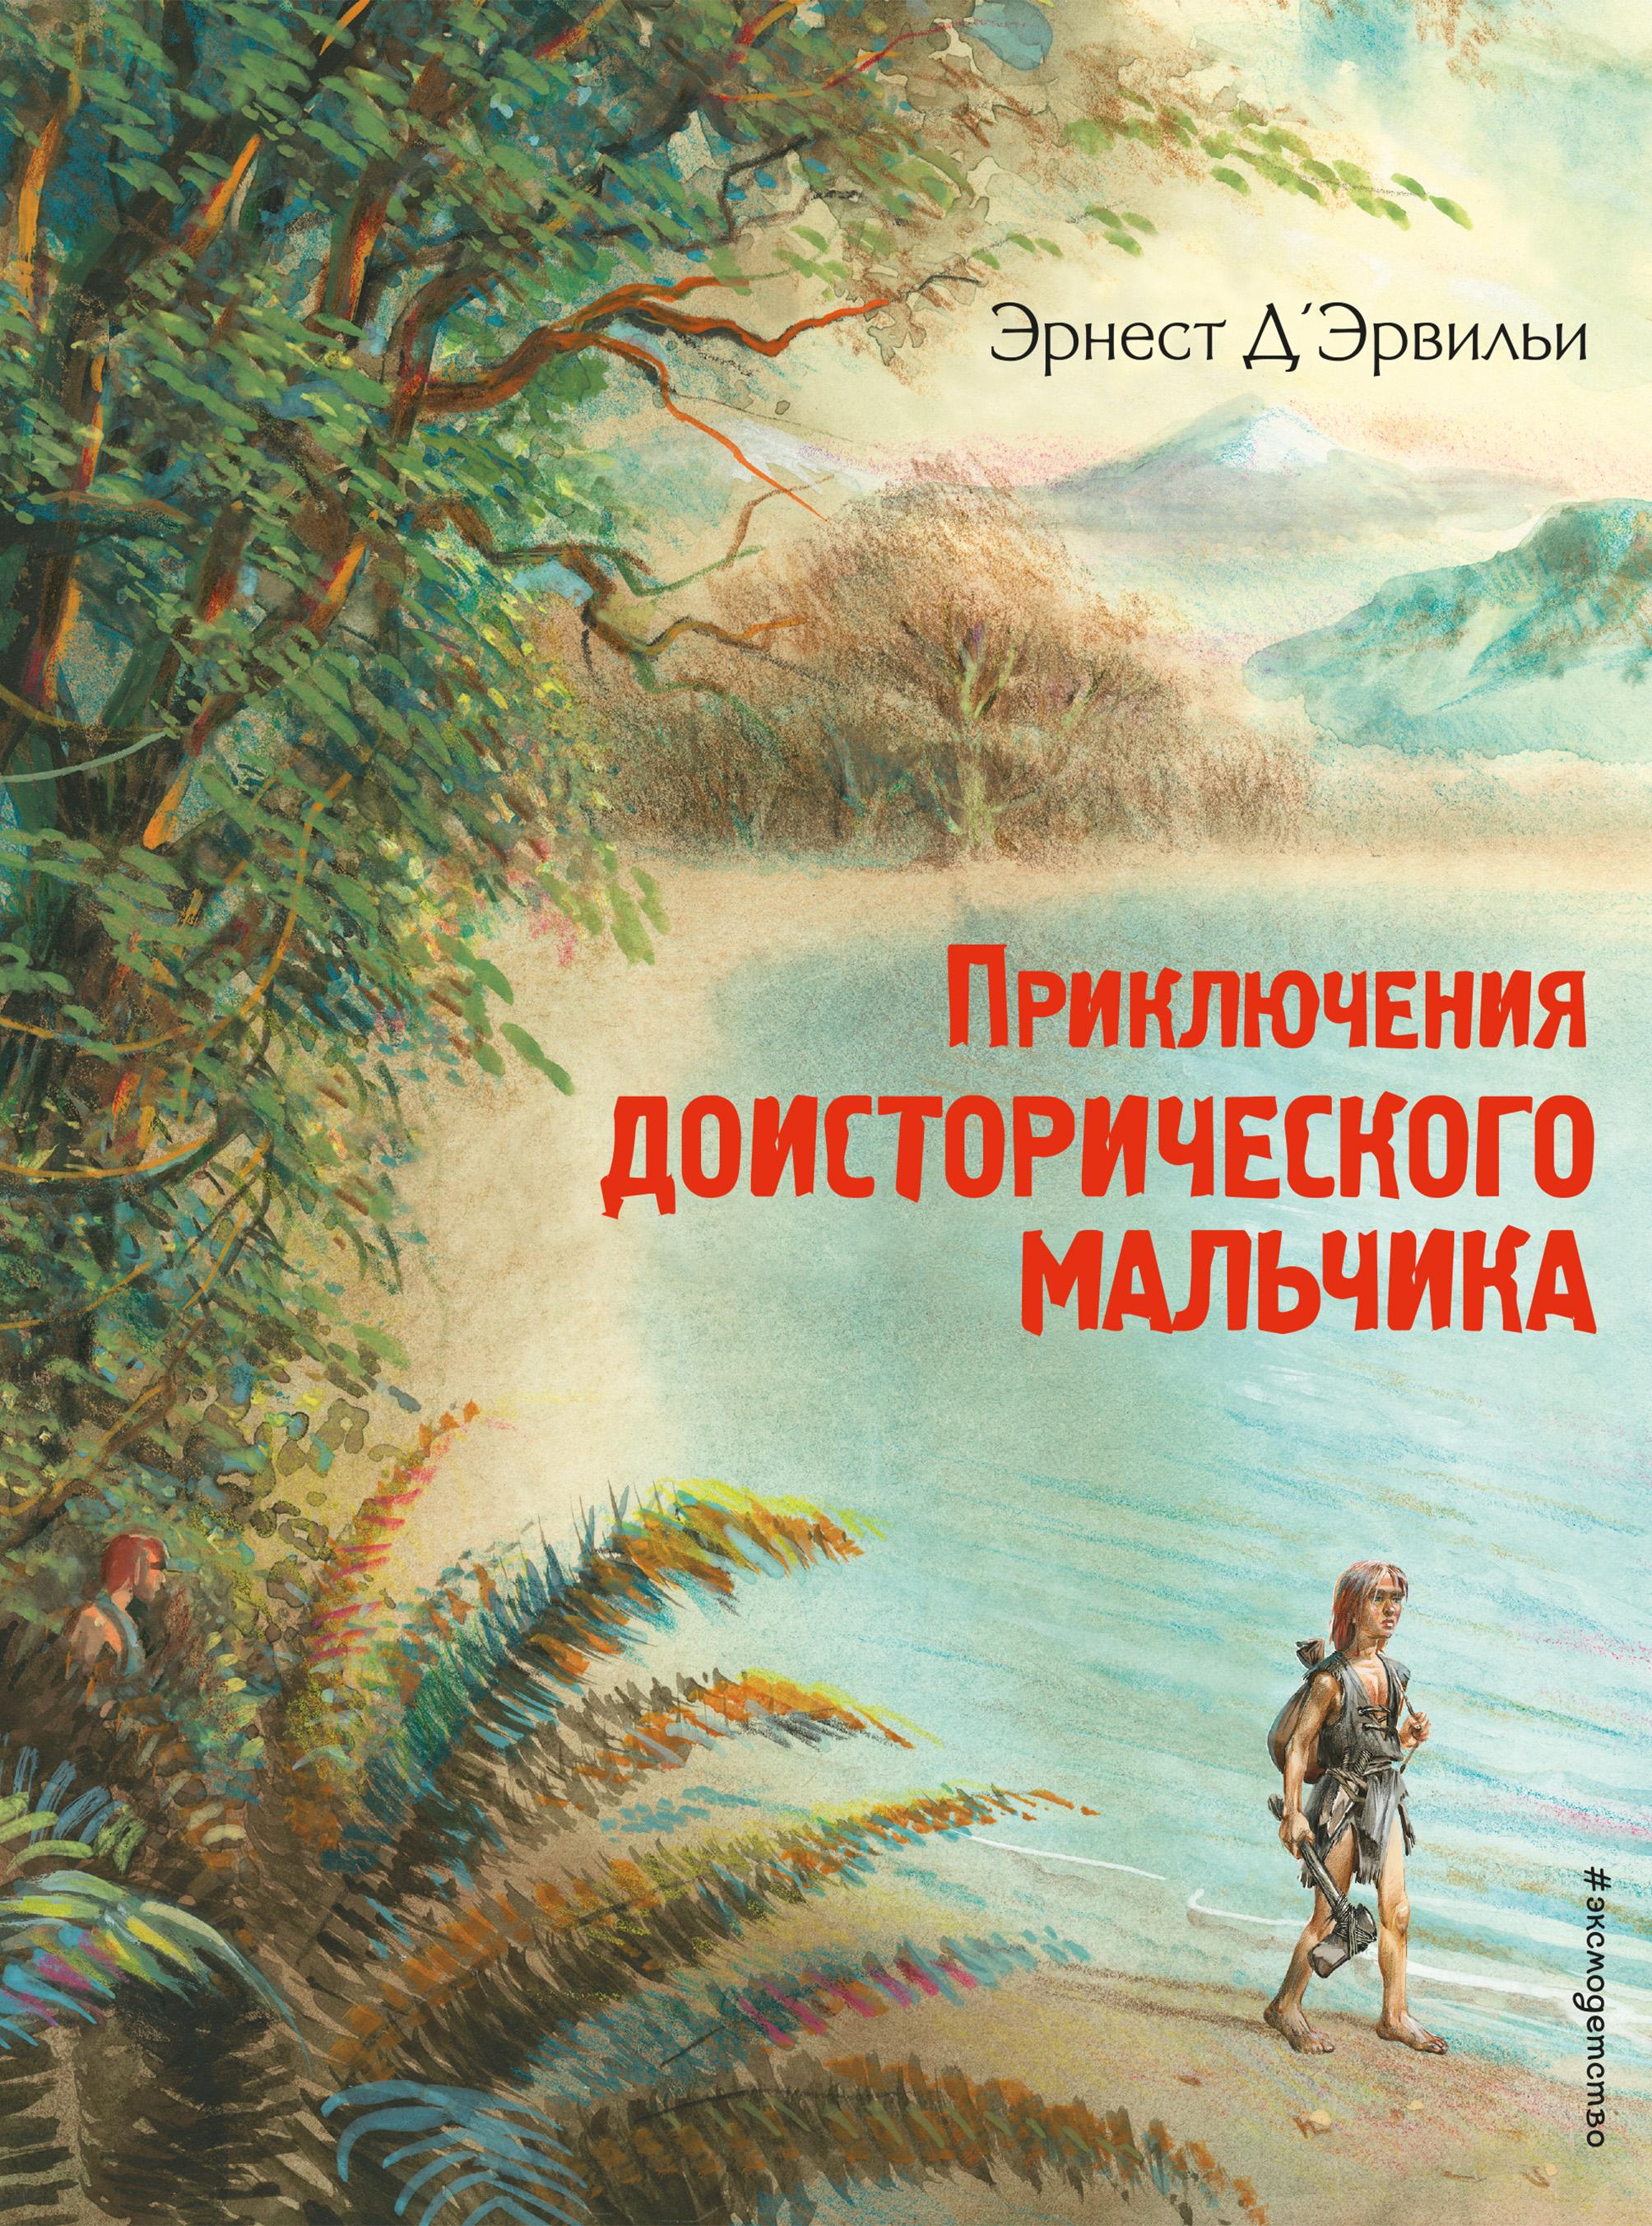 Приключения доисторического мальчика